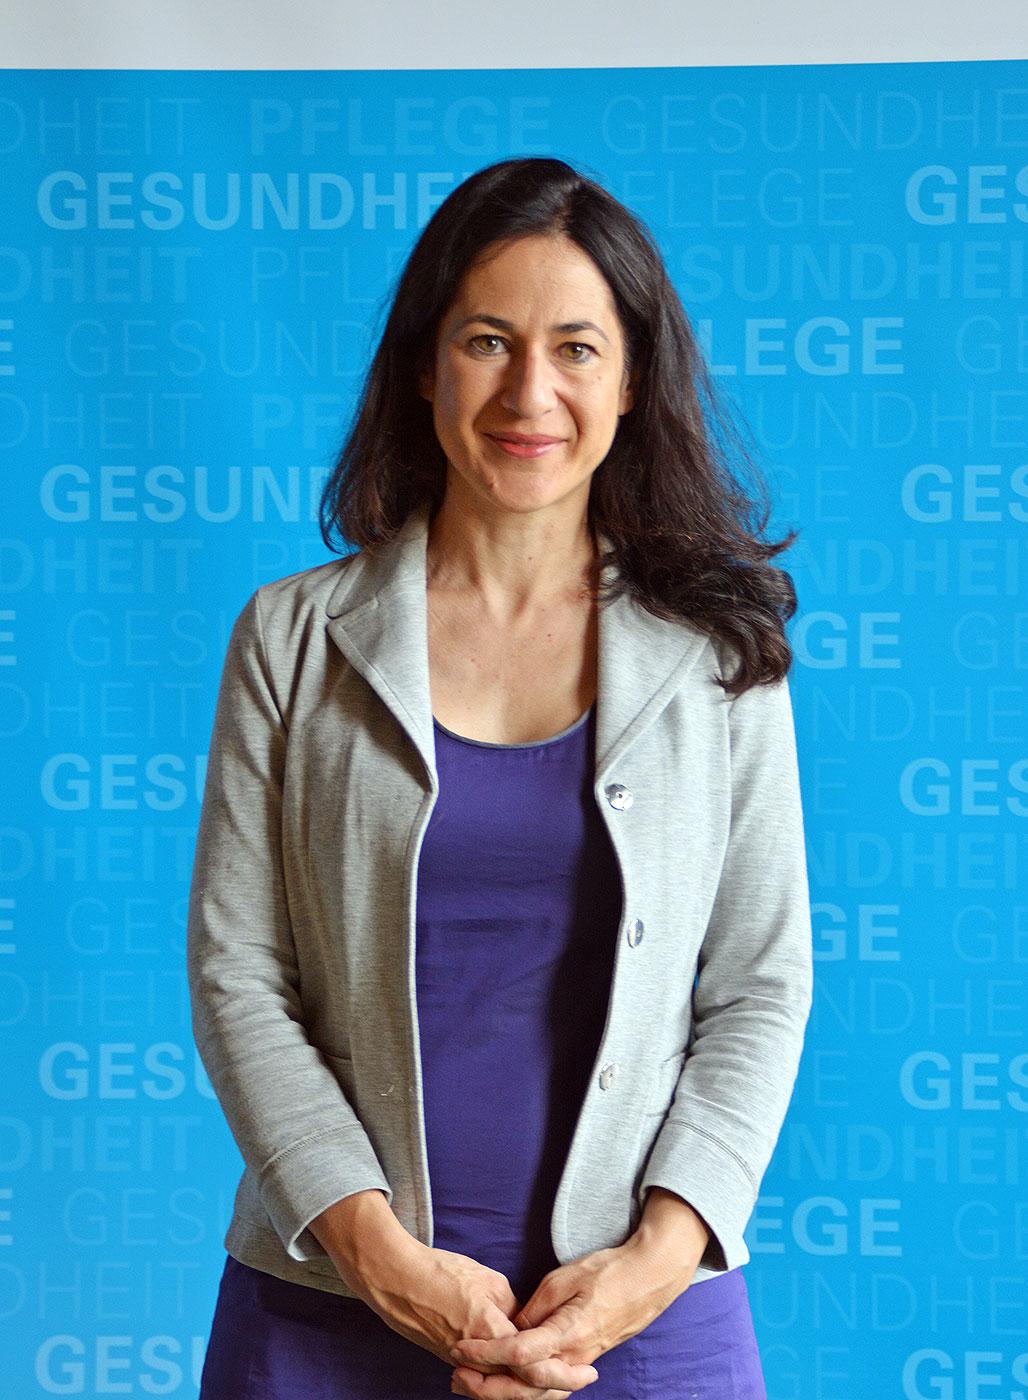 Dr. Orsolya Friedrich, Mitglied der Bayerischen Ethikkommission für Präimplantationsdiagnostik